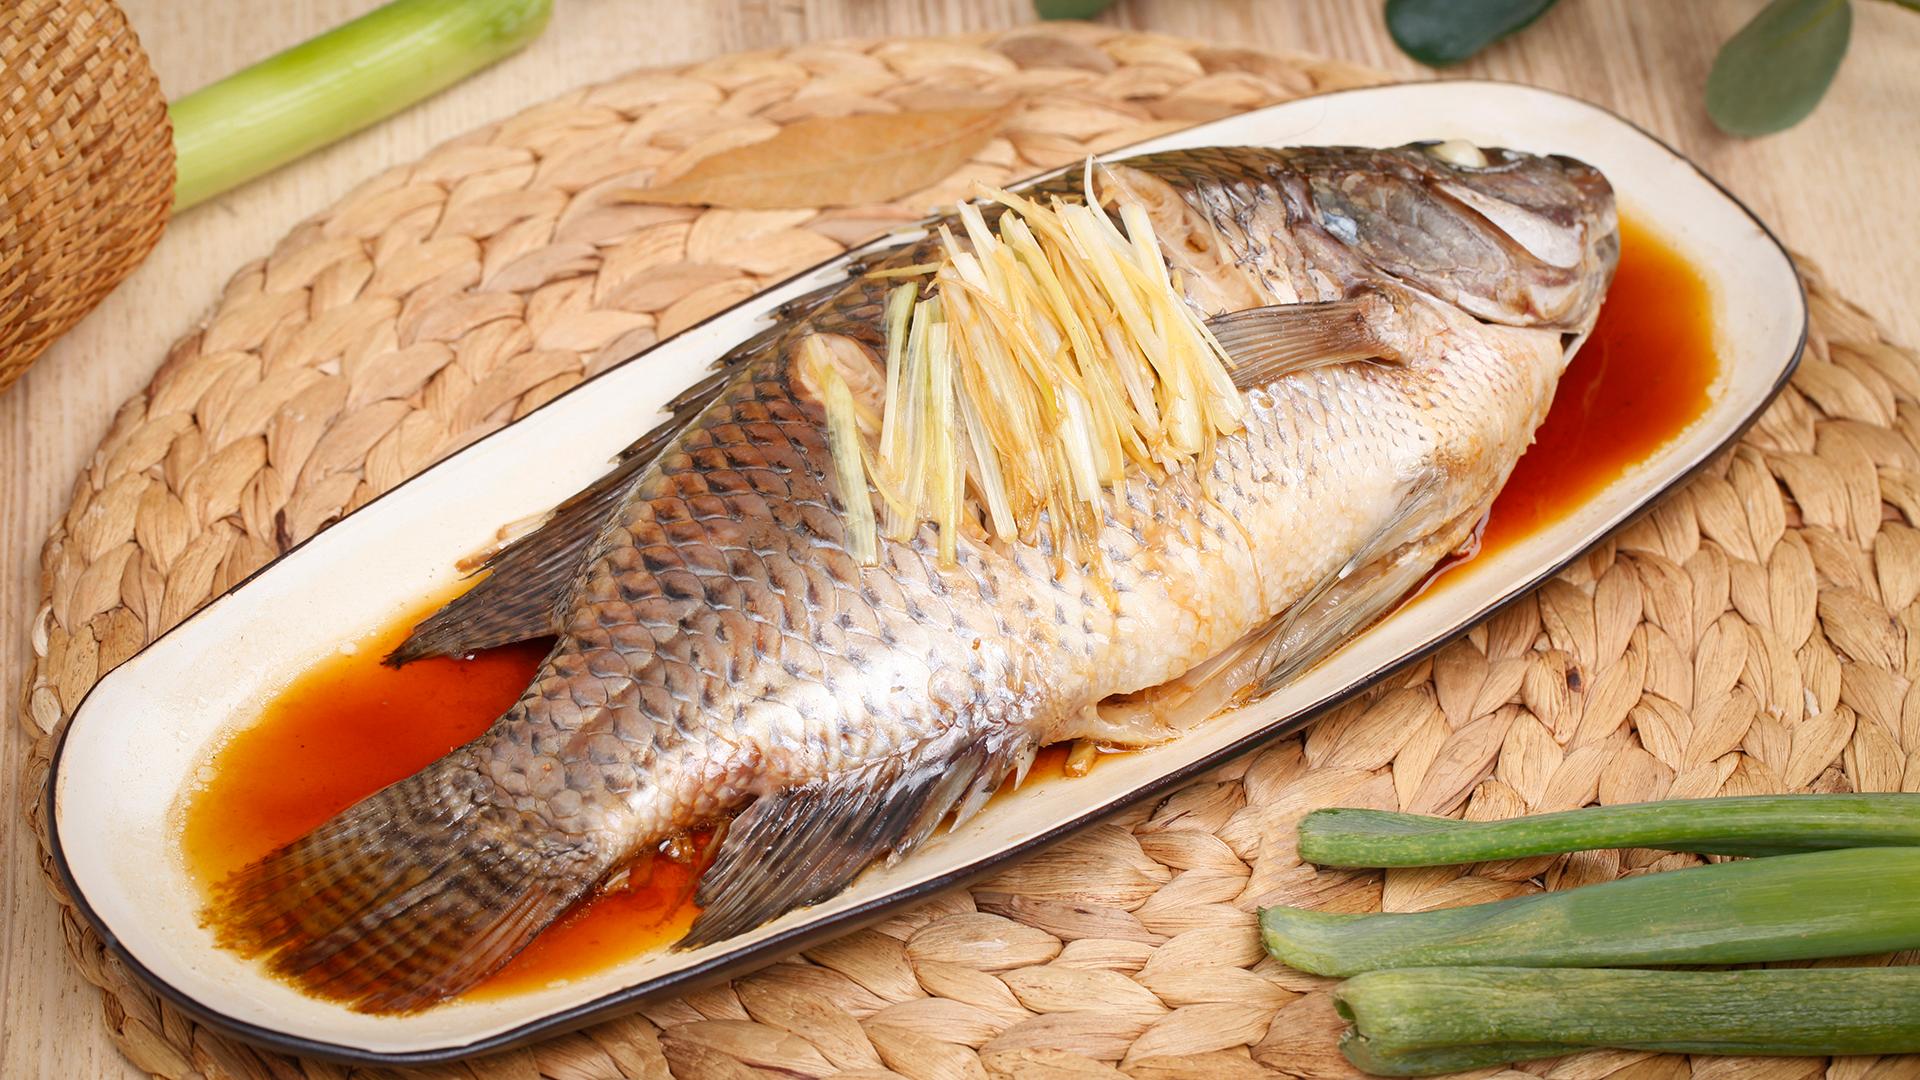 鲜嫩绝美的罗非鱼,吃起来别有风味龙伯考拉园门票图片